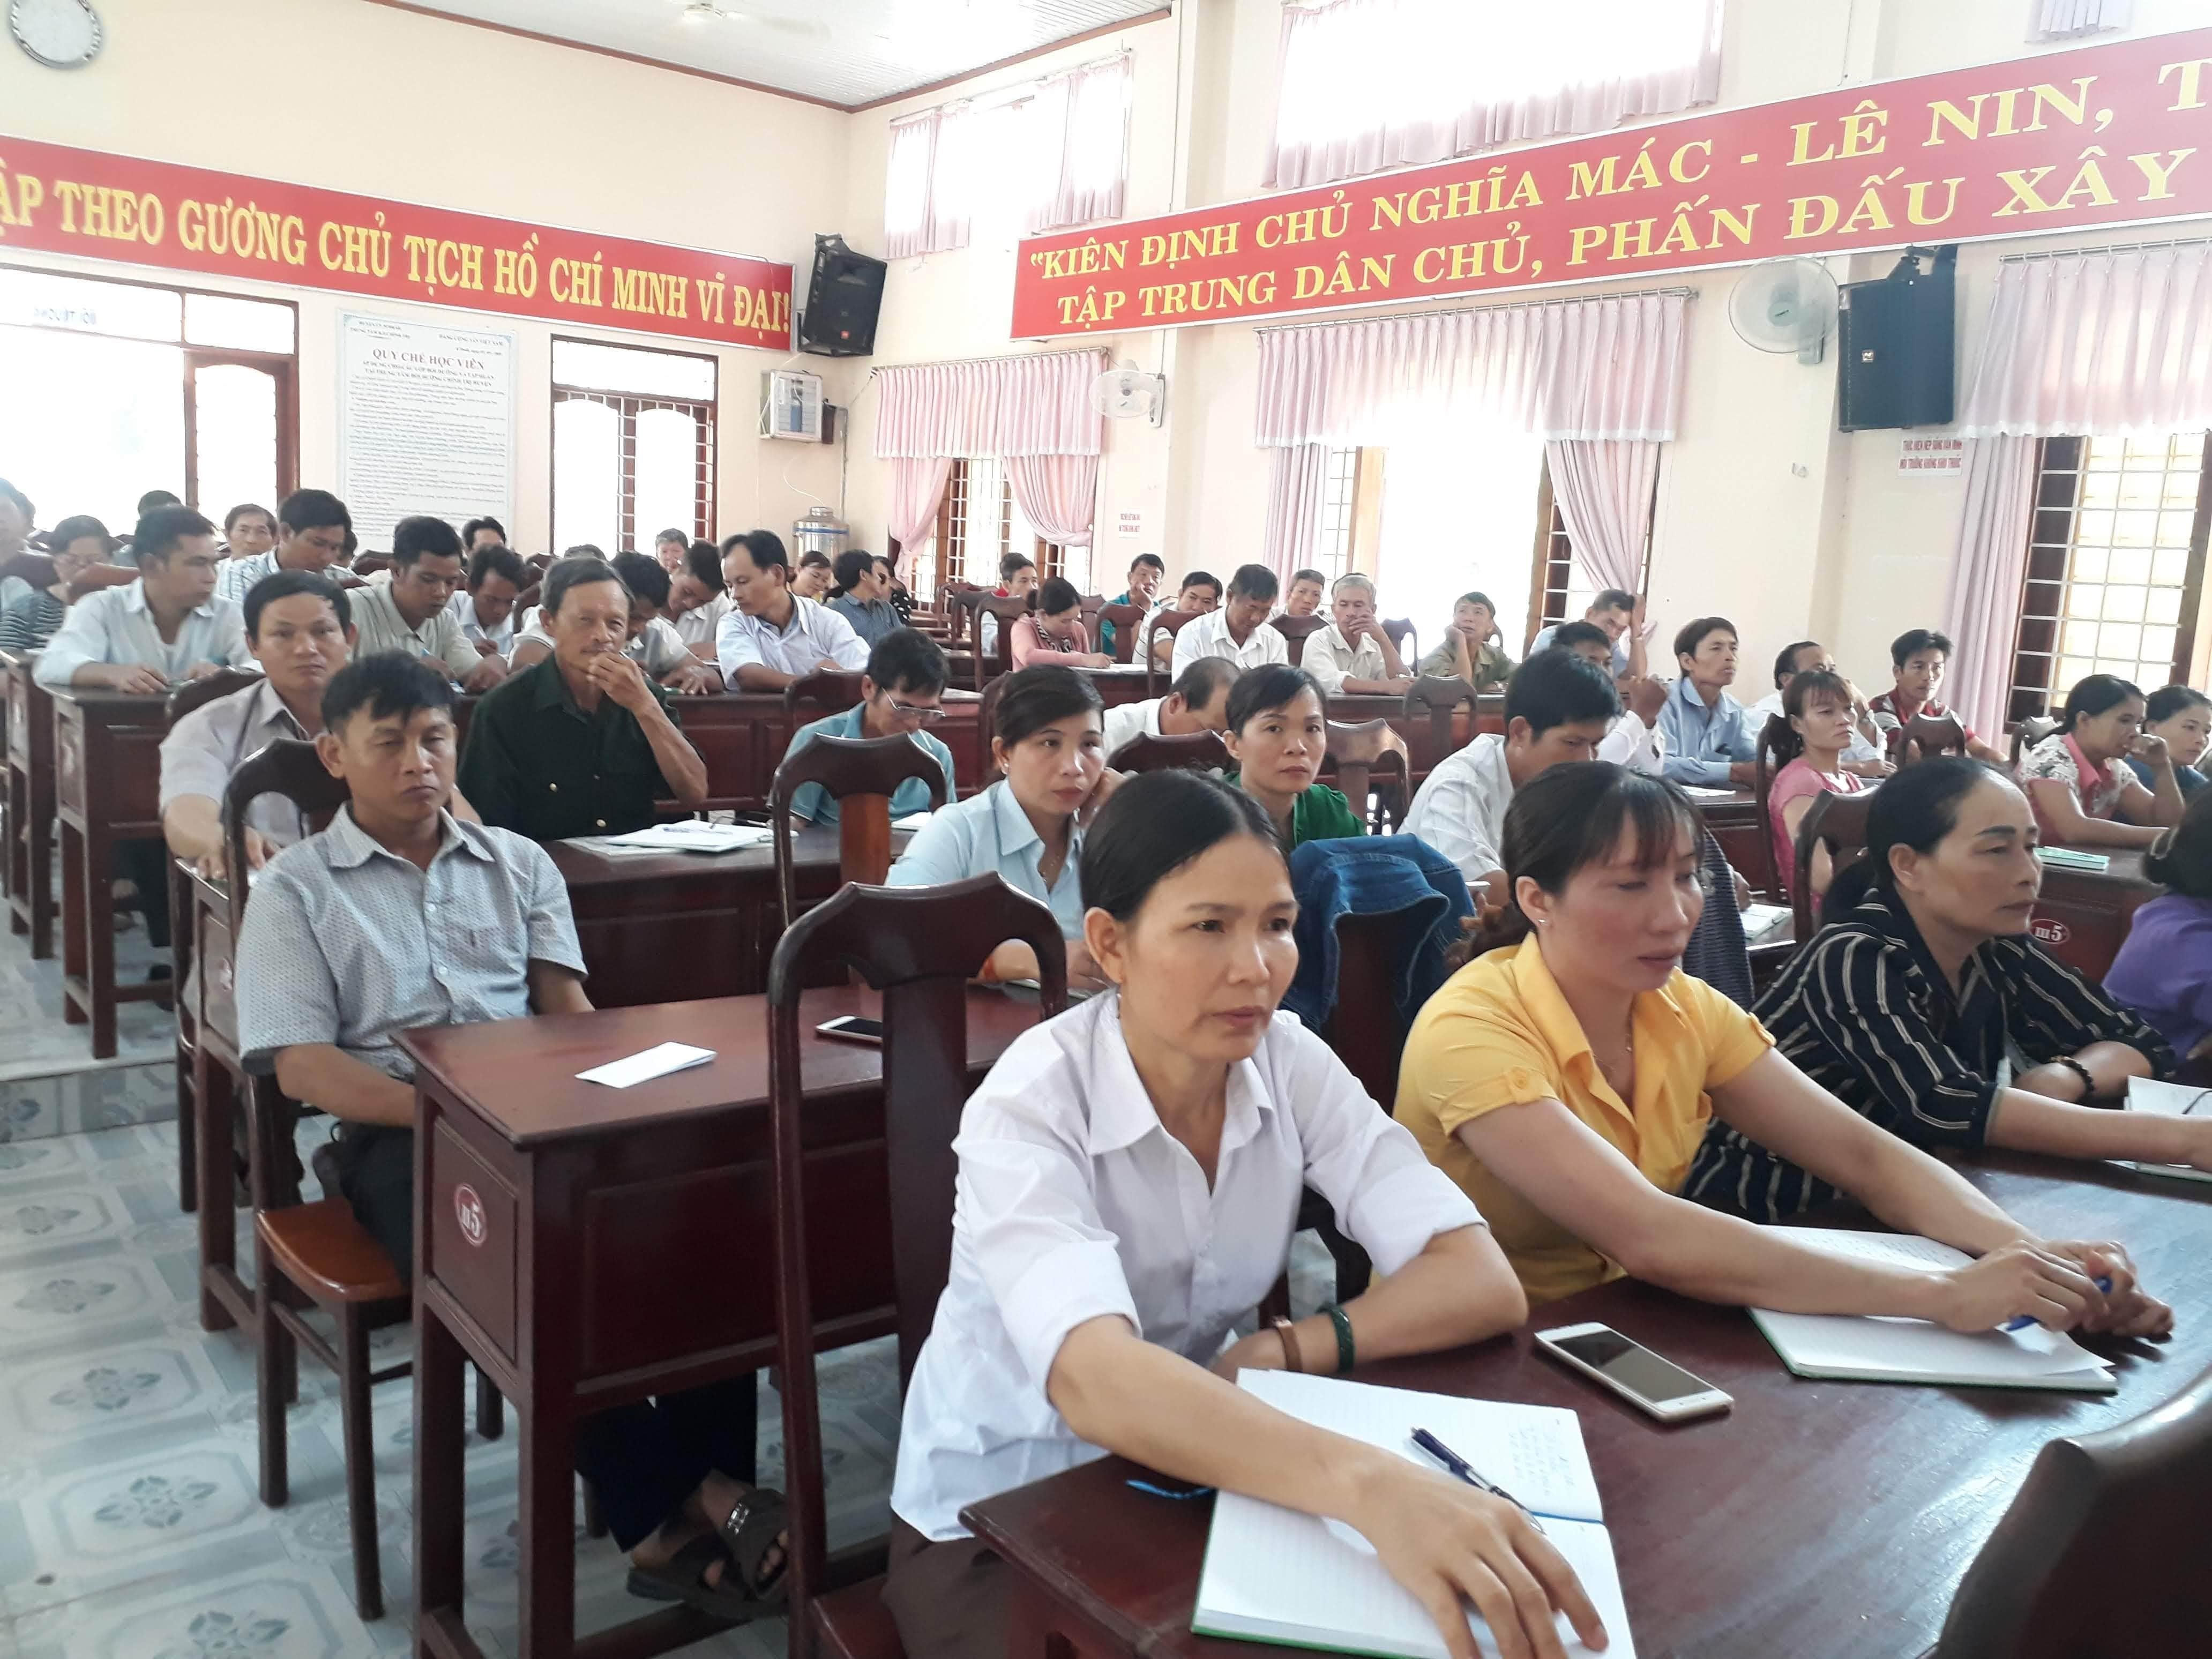 Khai mạc lớp bồi dưỡng lý luận chính trị và nghiệp vụ công tác Hội nông dân cơ sở năm 2020